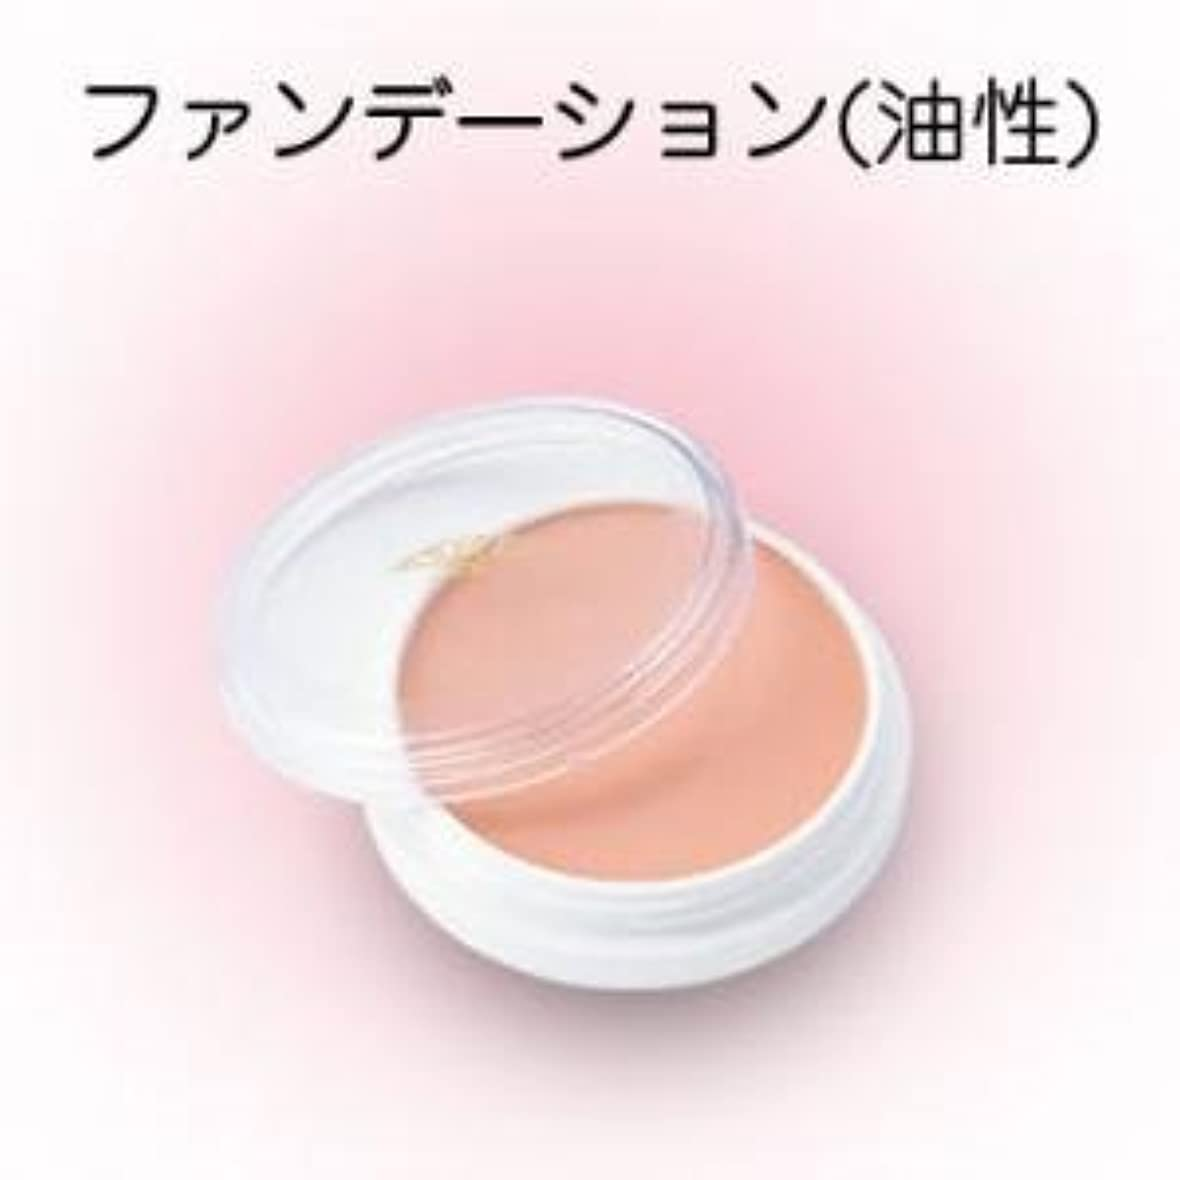 リンケージ強化する明確な舞台用化粧品 三善 グリースペイント 4 8g ドーラン